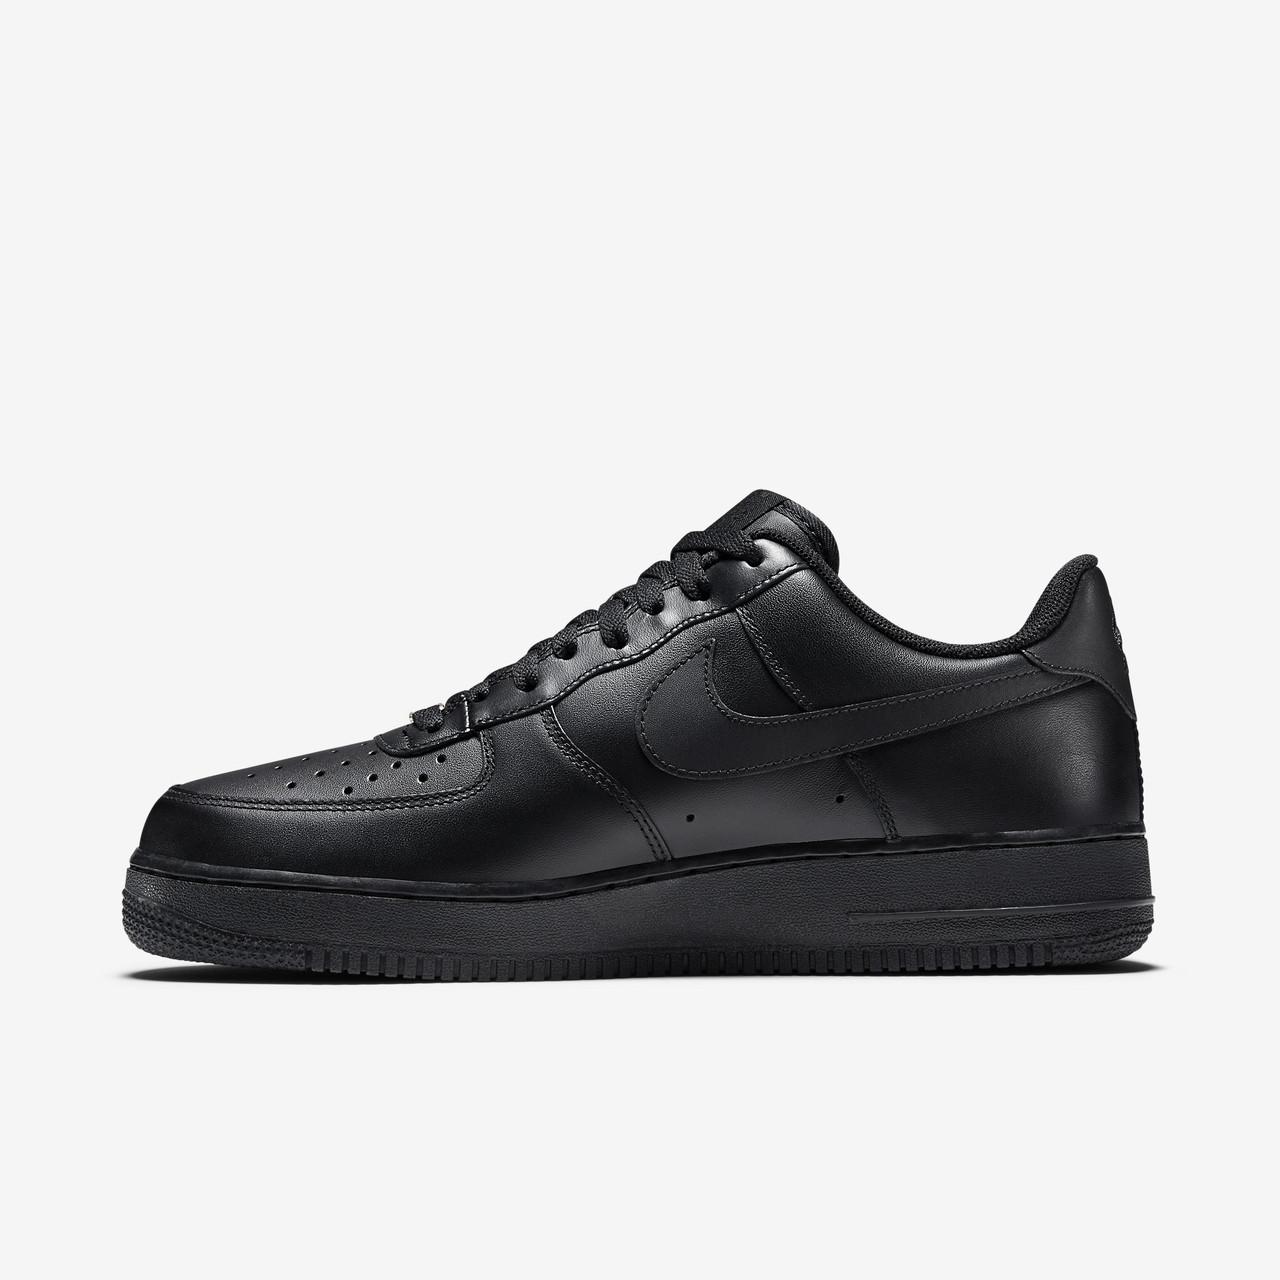 ec332a365271 Мужские кроссовки Nike AIR FORCE 1 07 (Артикул  315122-001), цена 3 ...